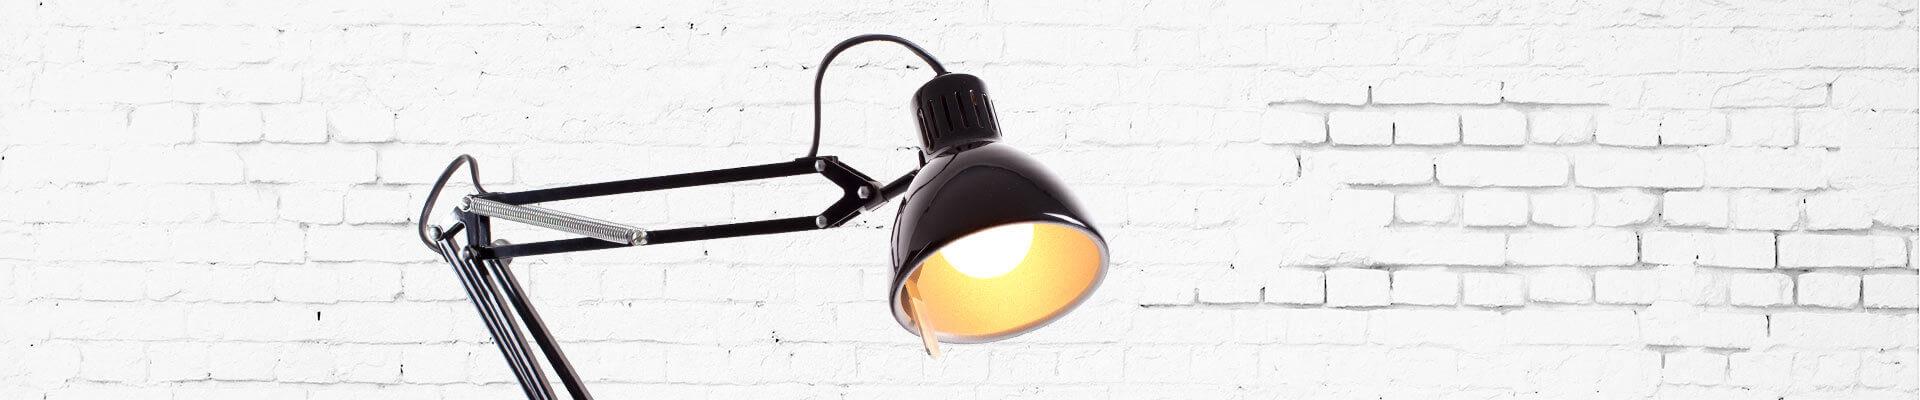 Лампа и стена